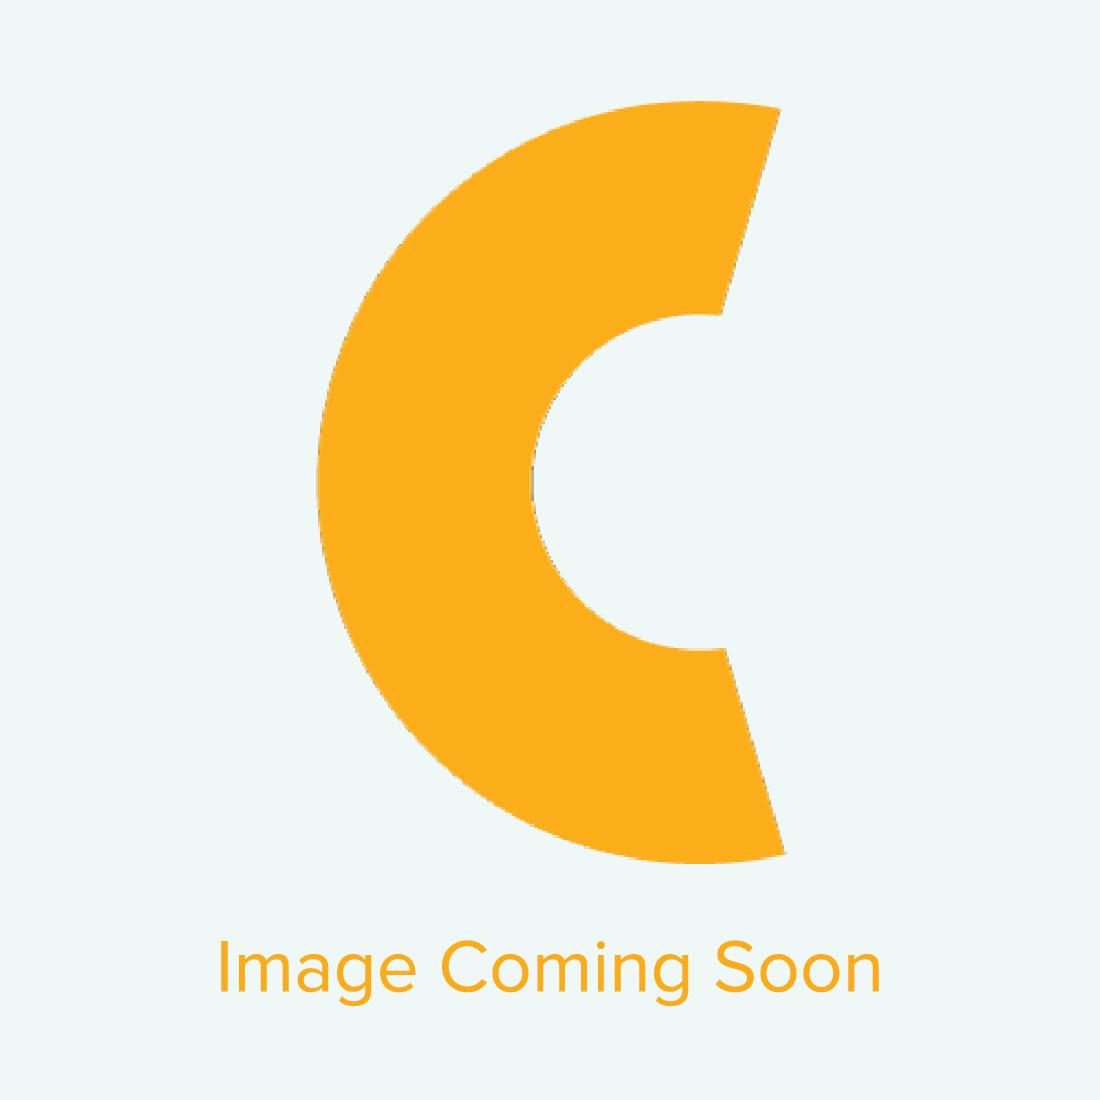 Graphtec CE6000-120 PLUS 48